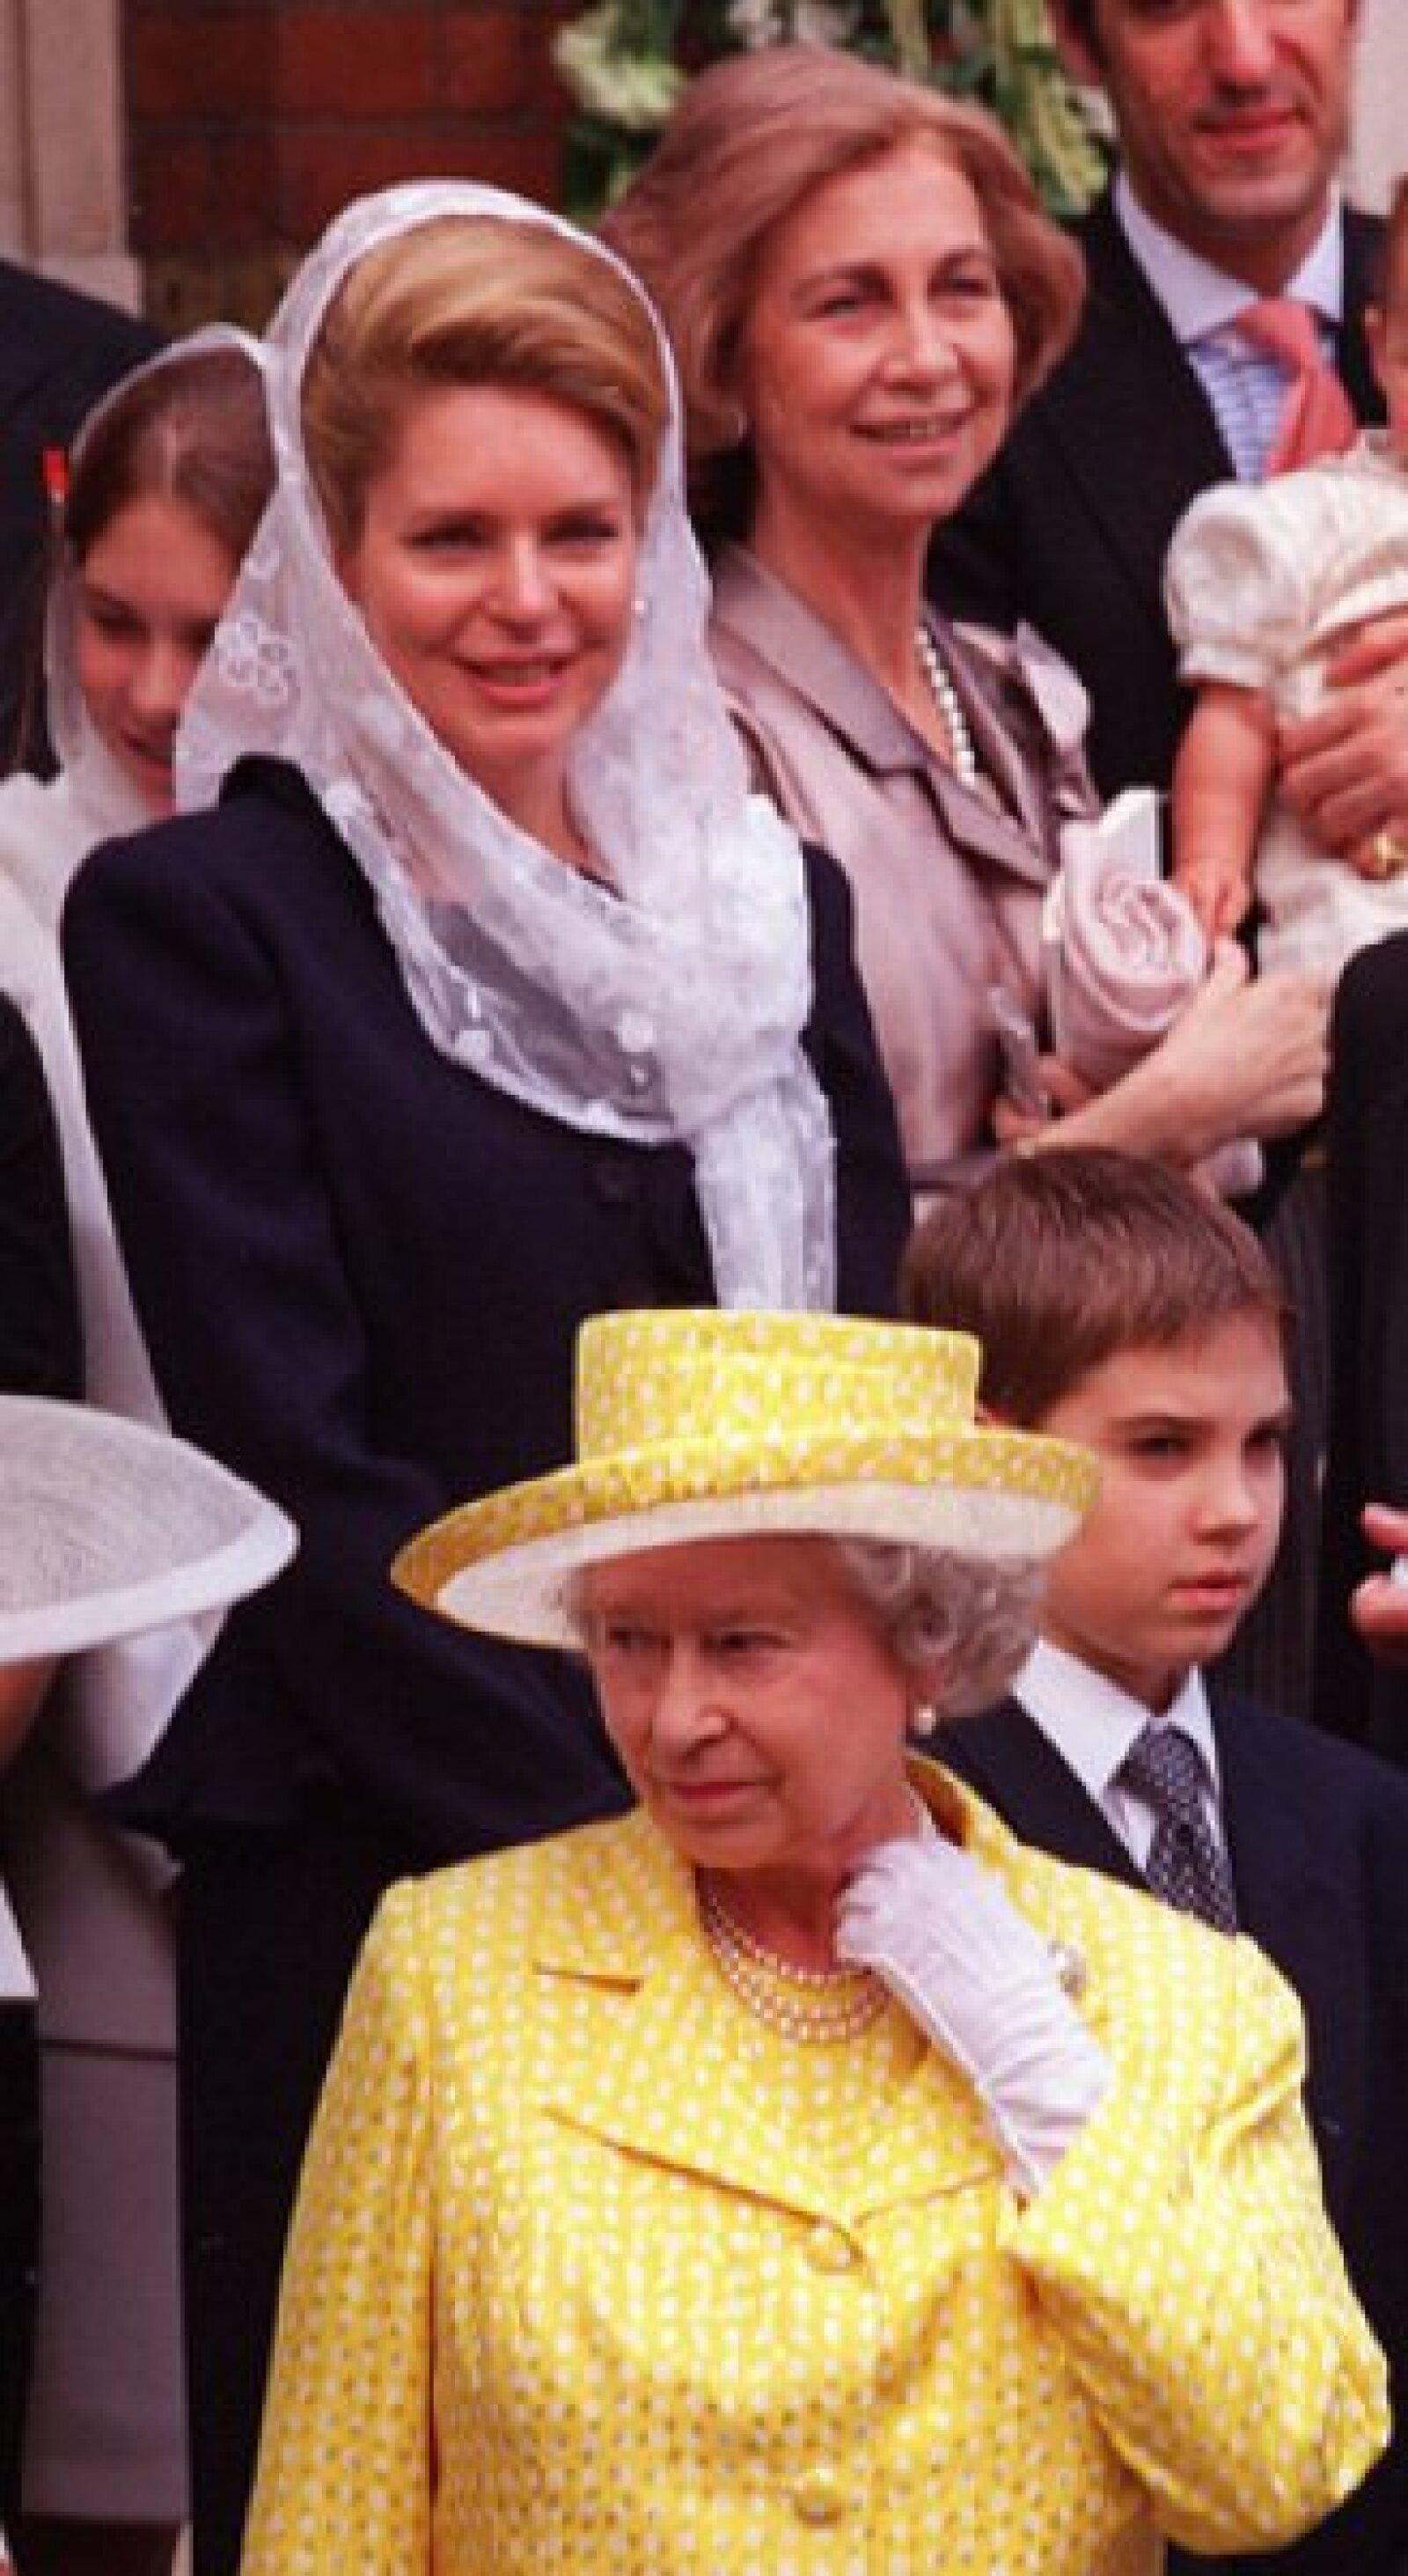 La reina Isabel de Inglaterra, la reina Noor y la reina Sofía de España en la catedral griega ortodoxa de Santa Sofía, en Bayswater, Londres, luego de la boda de la princesa Alexia de Grecia con Carlos Morales Quintana de España, el 9 de julio de 1999.